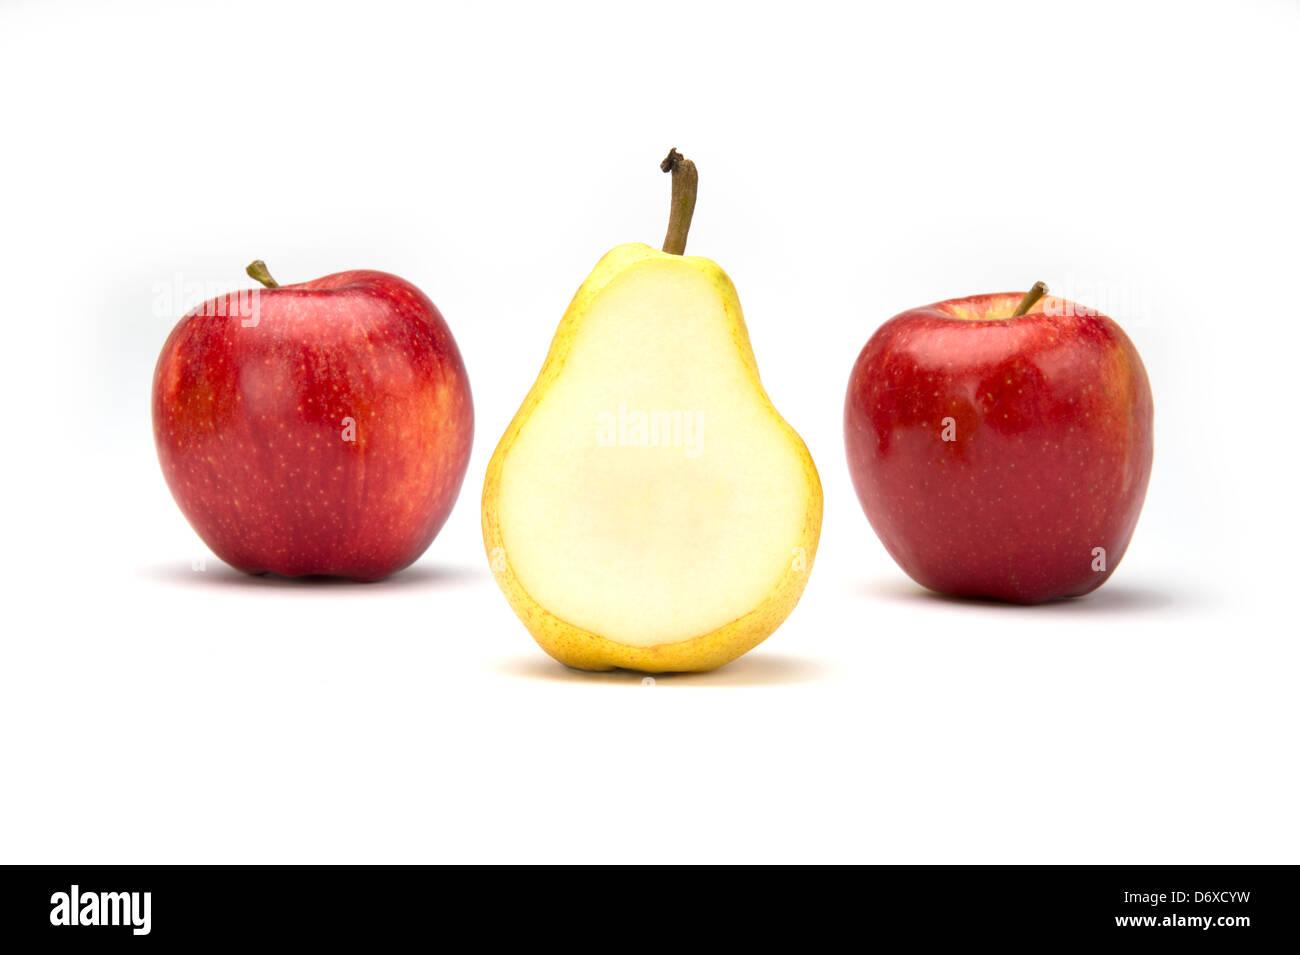 Dos manzanas Royal Gala y un corte Bartlet pera en el centro Imagen De Stock